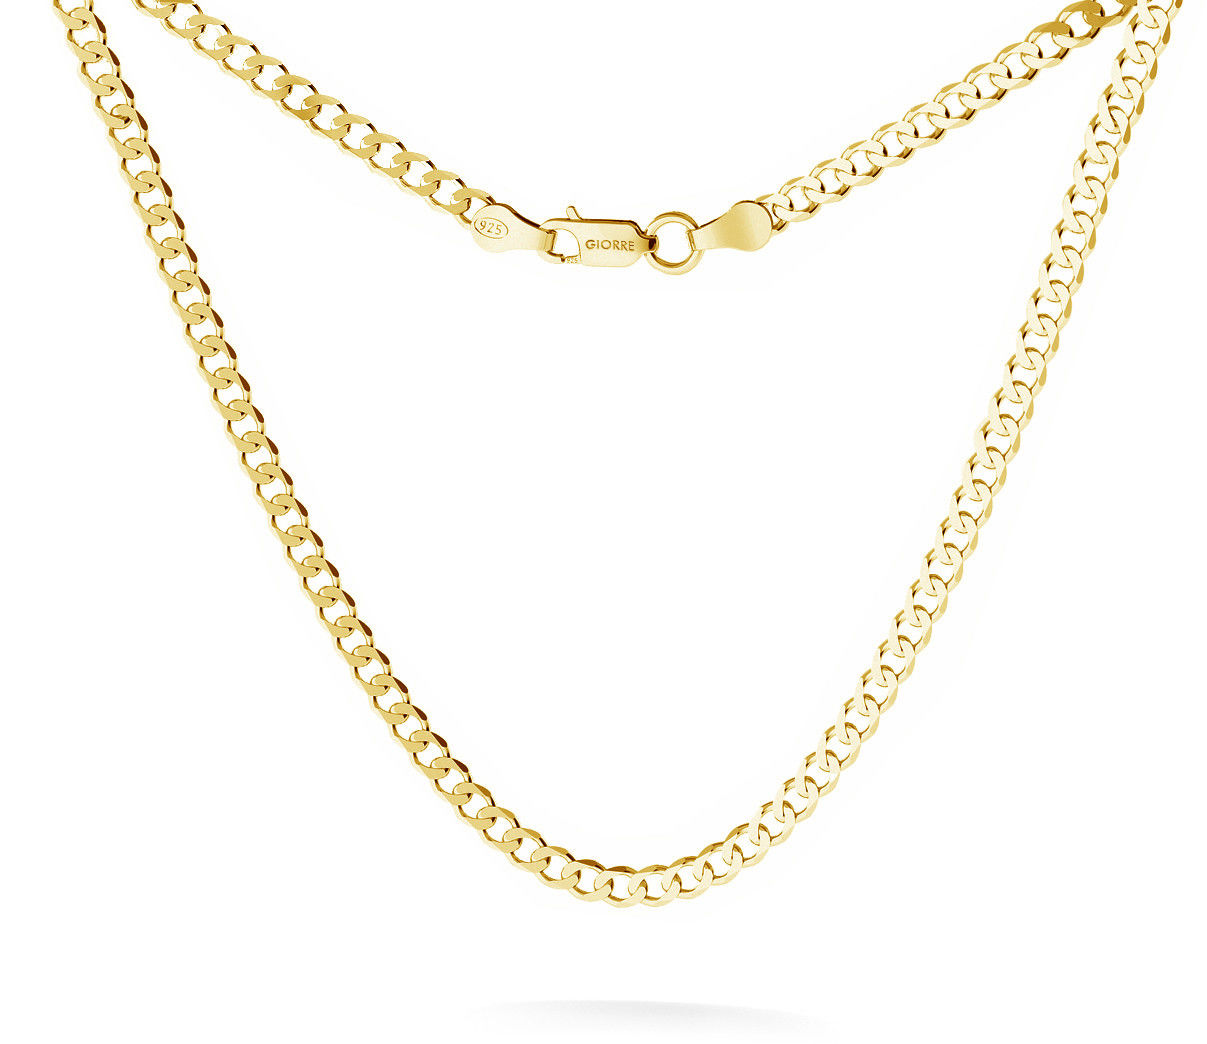 Męski łańcuszek pancerka, srebro 925 : Długość (cm) - 75, Srebro - kolor pokrycia - Pokrycie żółtym 18K złotem